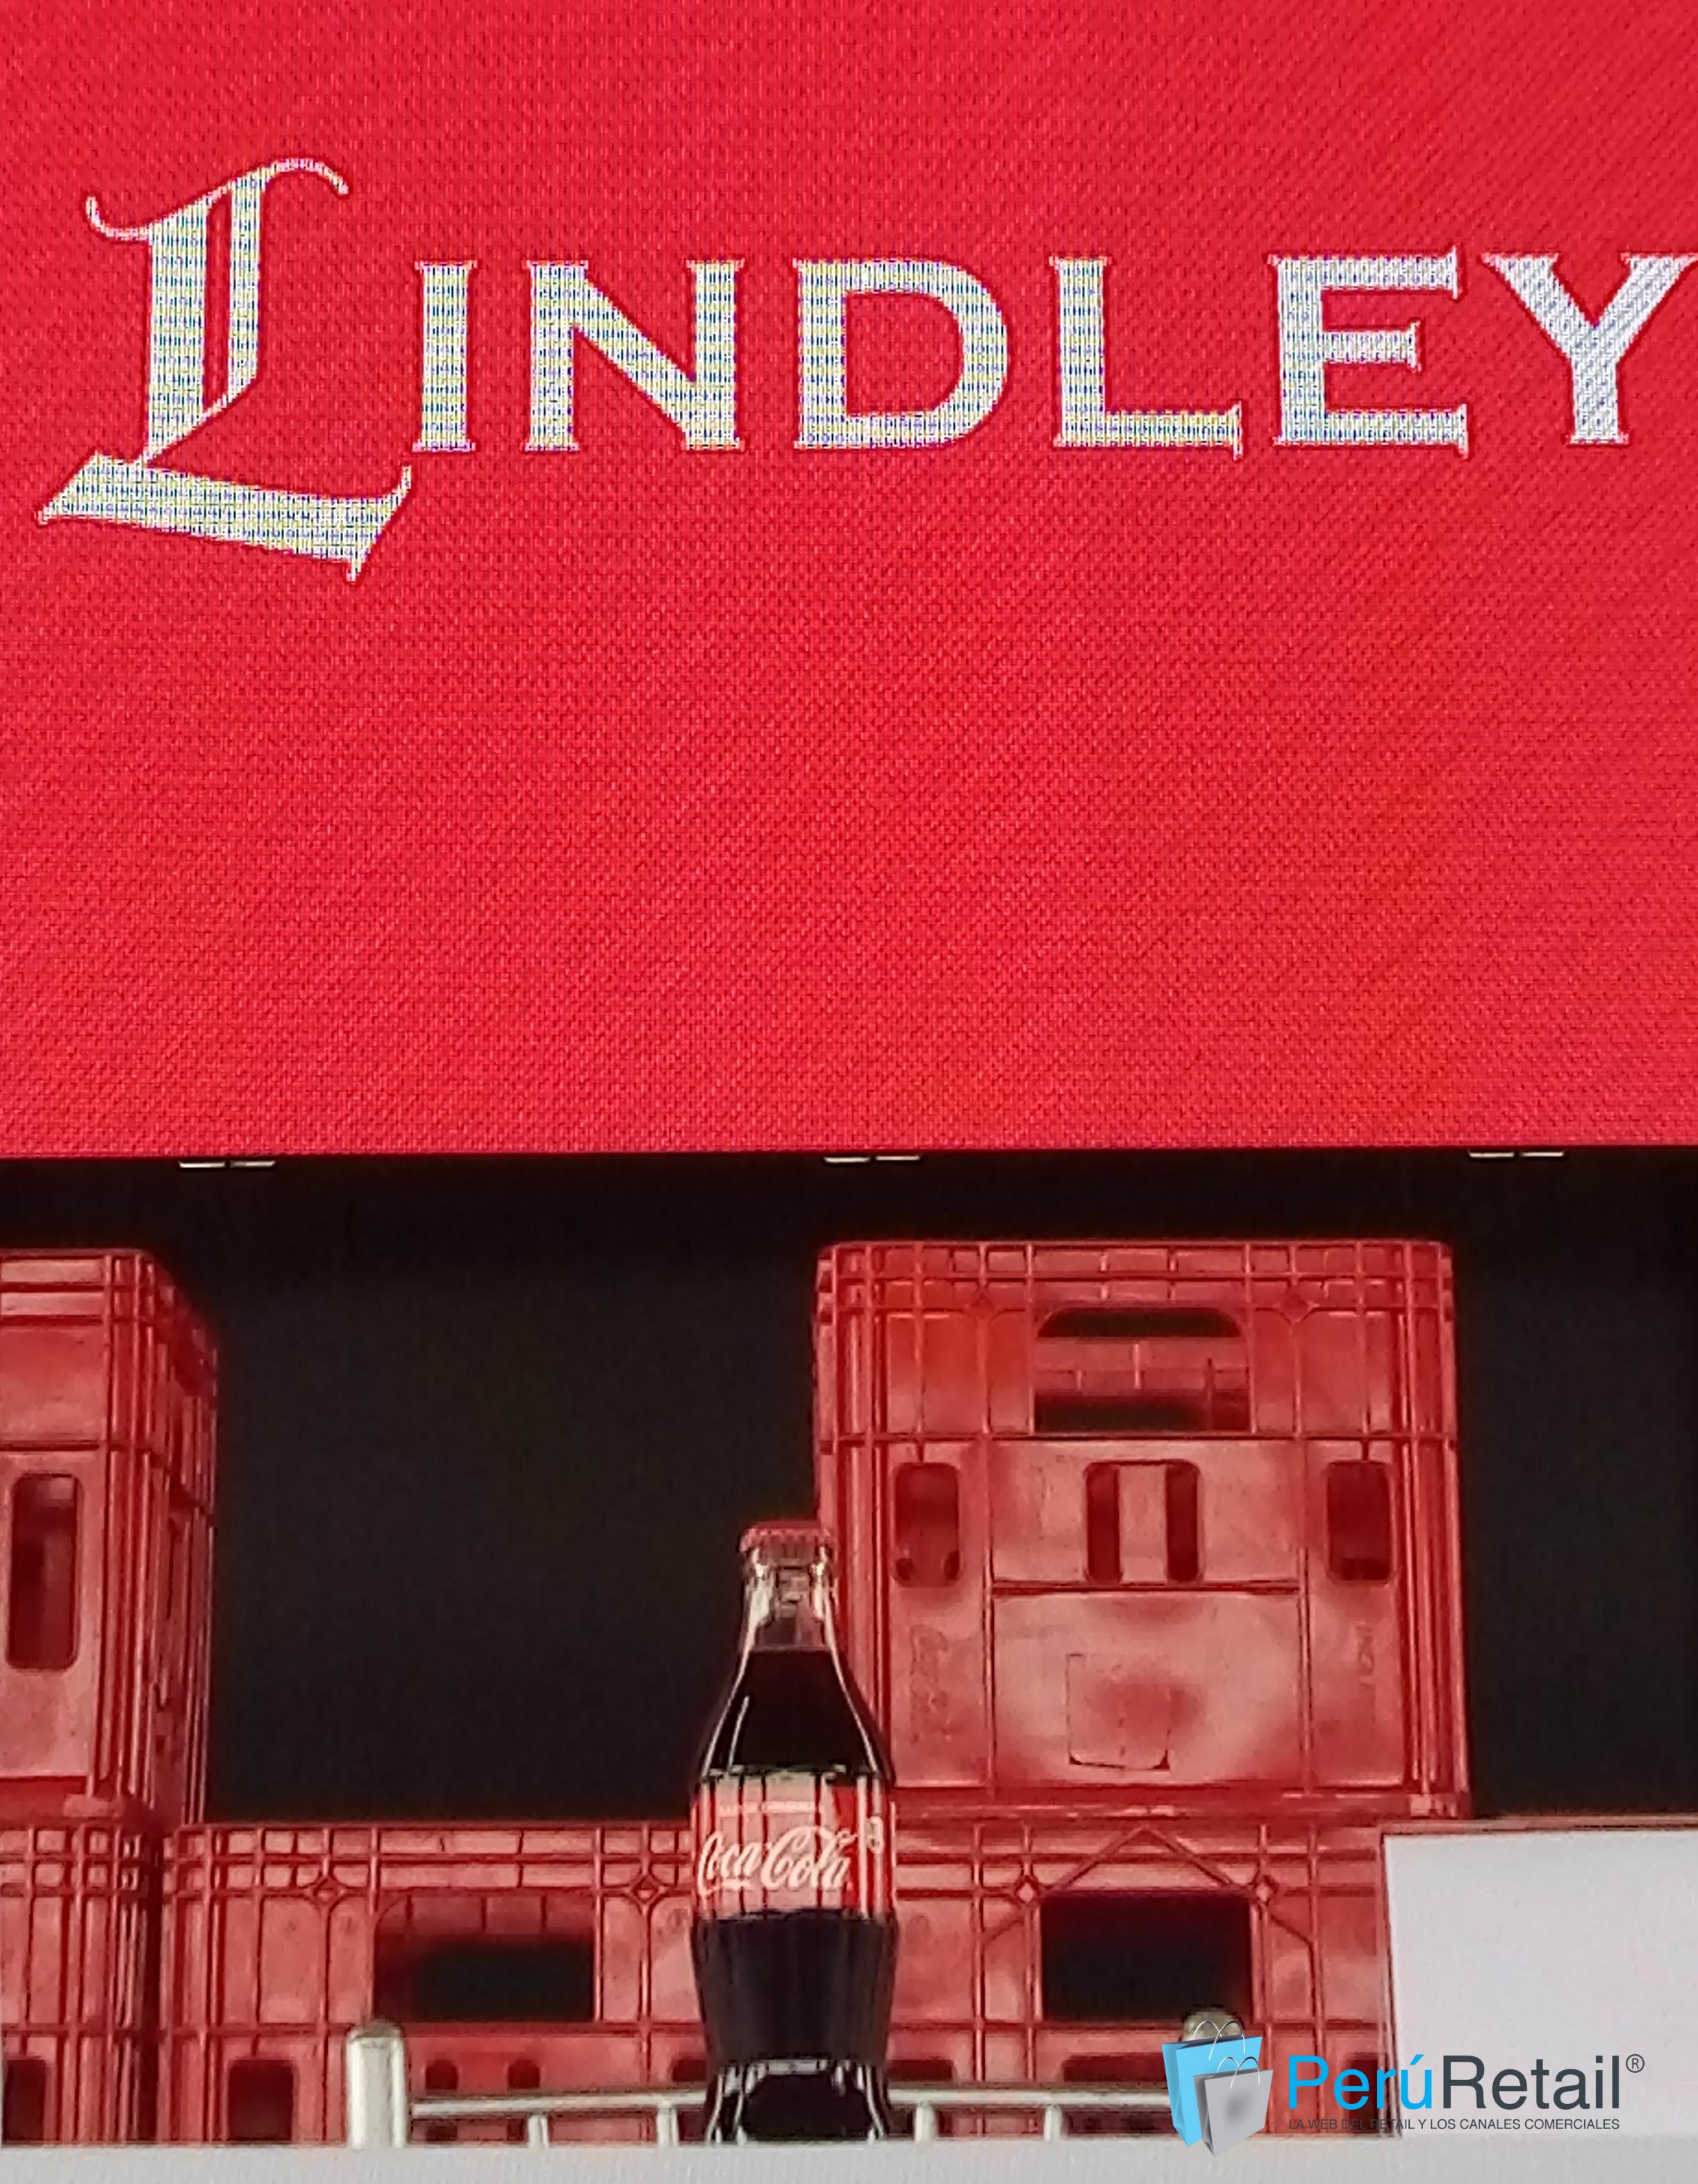 Lindley peru retail - Arca Continental Lindley invirtió US$ 48 millones en almacén de distribución en Perú